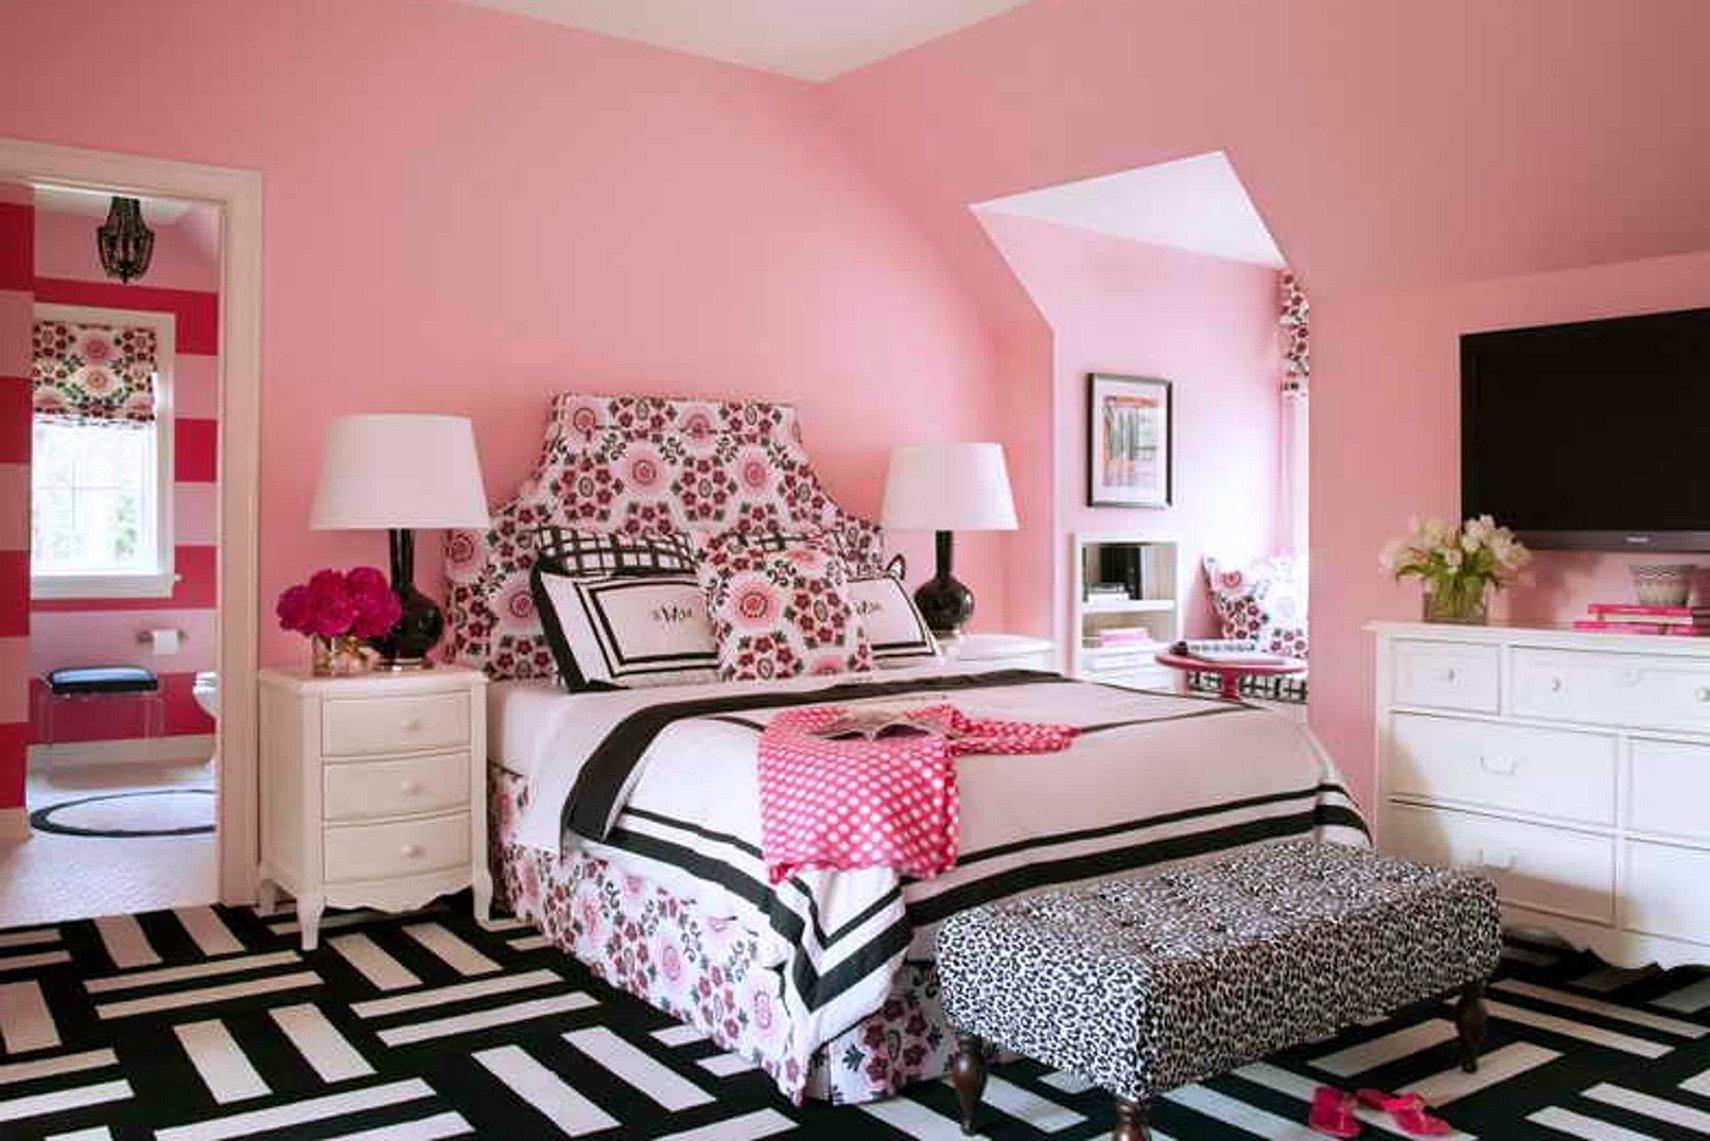 10 Lovable Cute Bedroom Ideas For Girls cute bedroom ideas for teenage girl design womenmisbehavin 2 2020